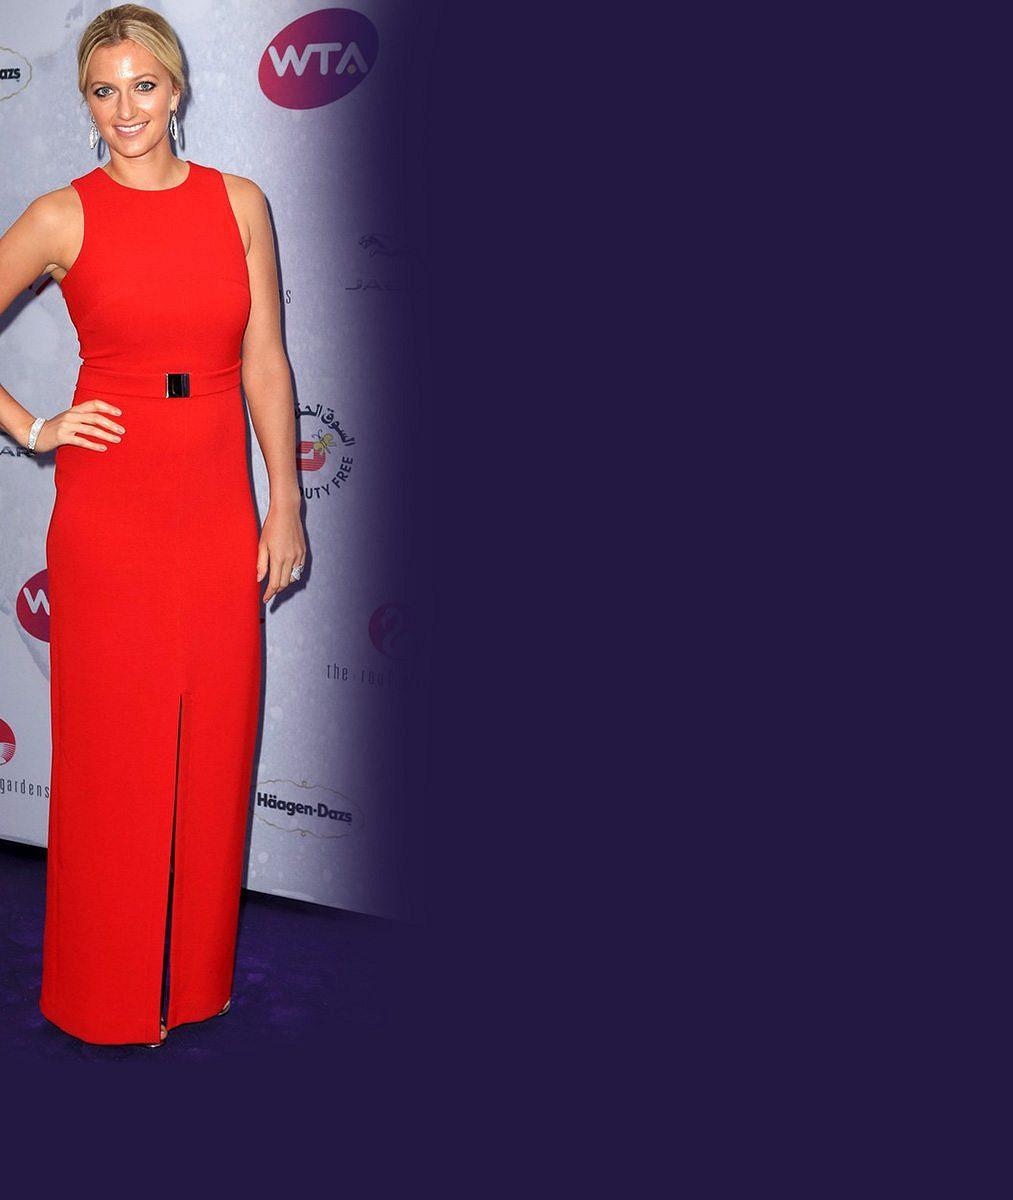 Dvojnásobná wimbledonská vítězka Kvitová je parádnice: Pořizuje za honoráře diamanty?